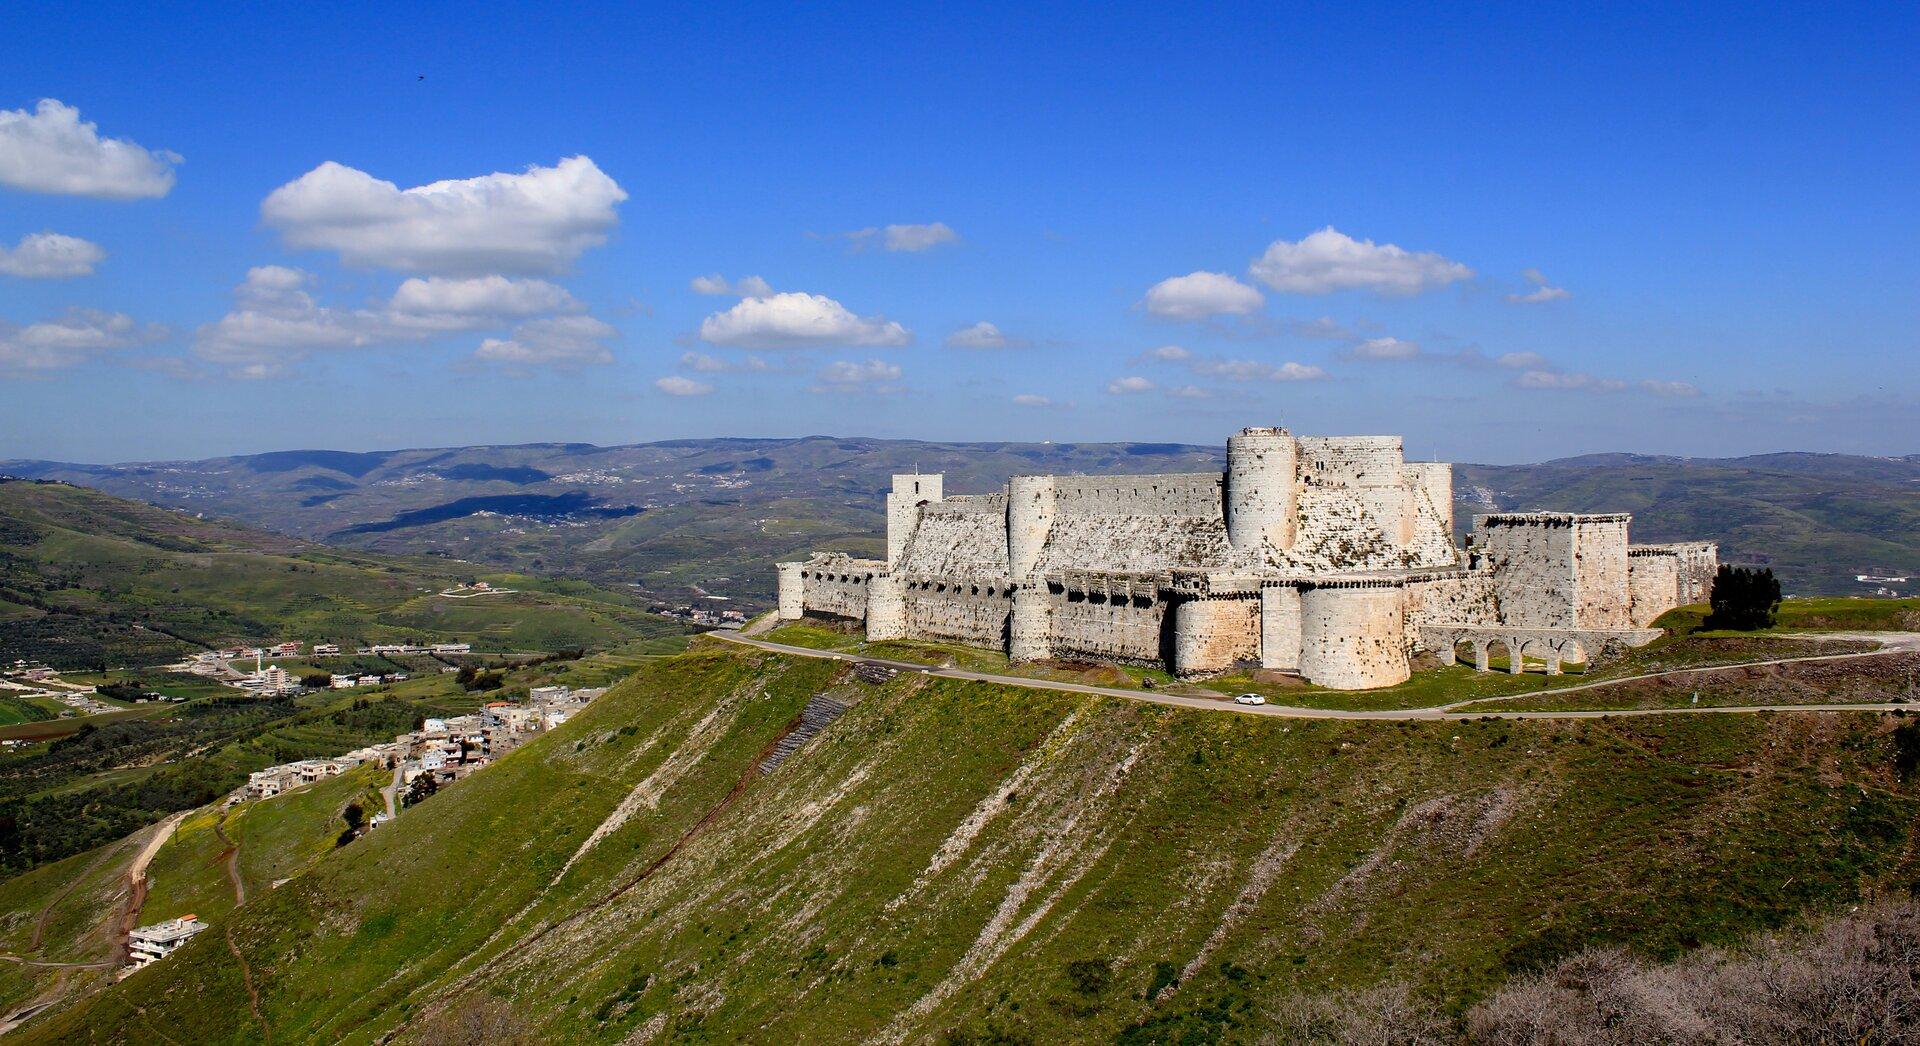 Zamek wzachodniej części Syrii, wgórach Dżabal an-Nusajrijja Źródło: Ergo, Zamek wzachodniej części Syrii, wgórach Dżabal an-Nusajrijja, licencja: CC BY 2.0.